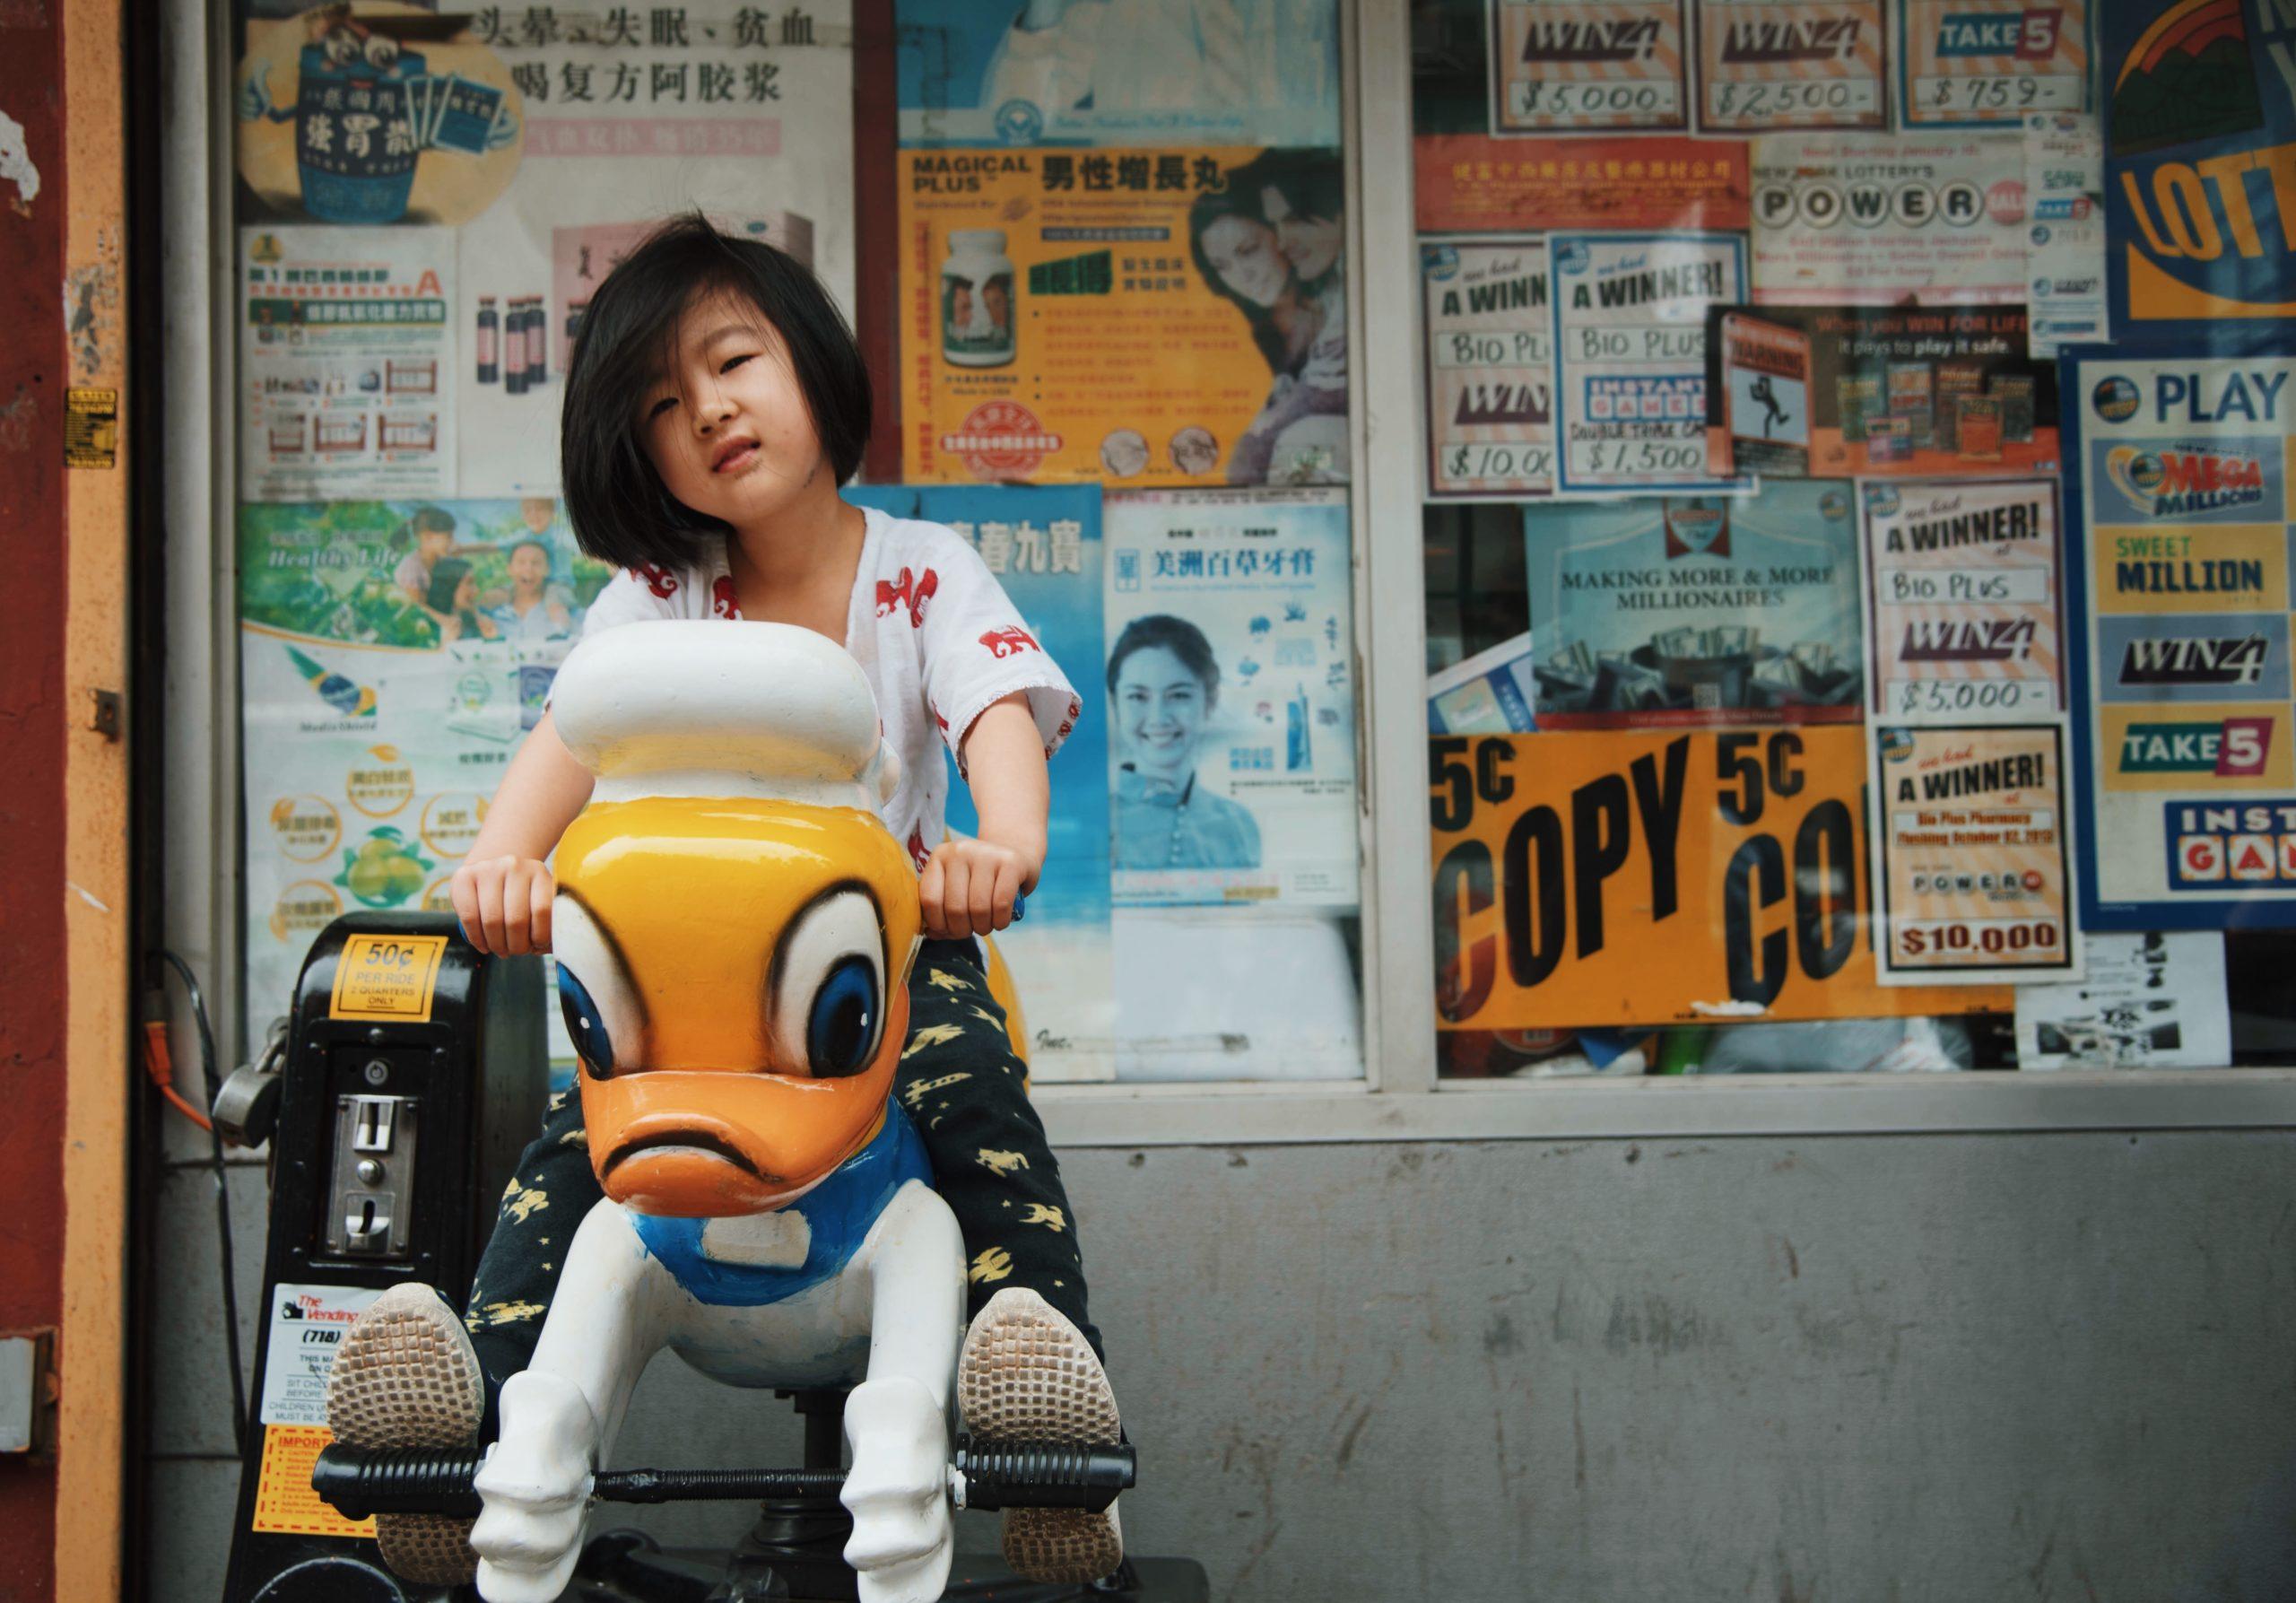 girl riding a Donald Duck arcade